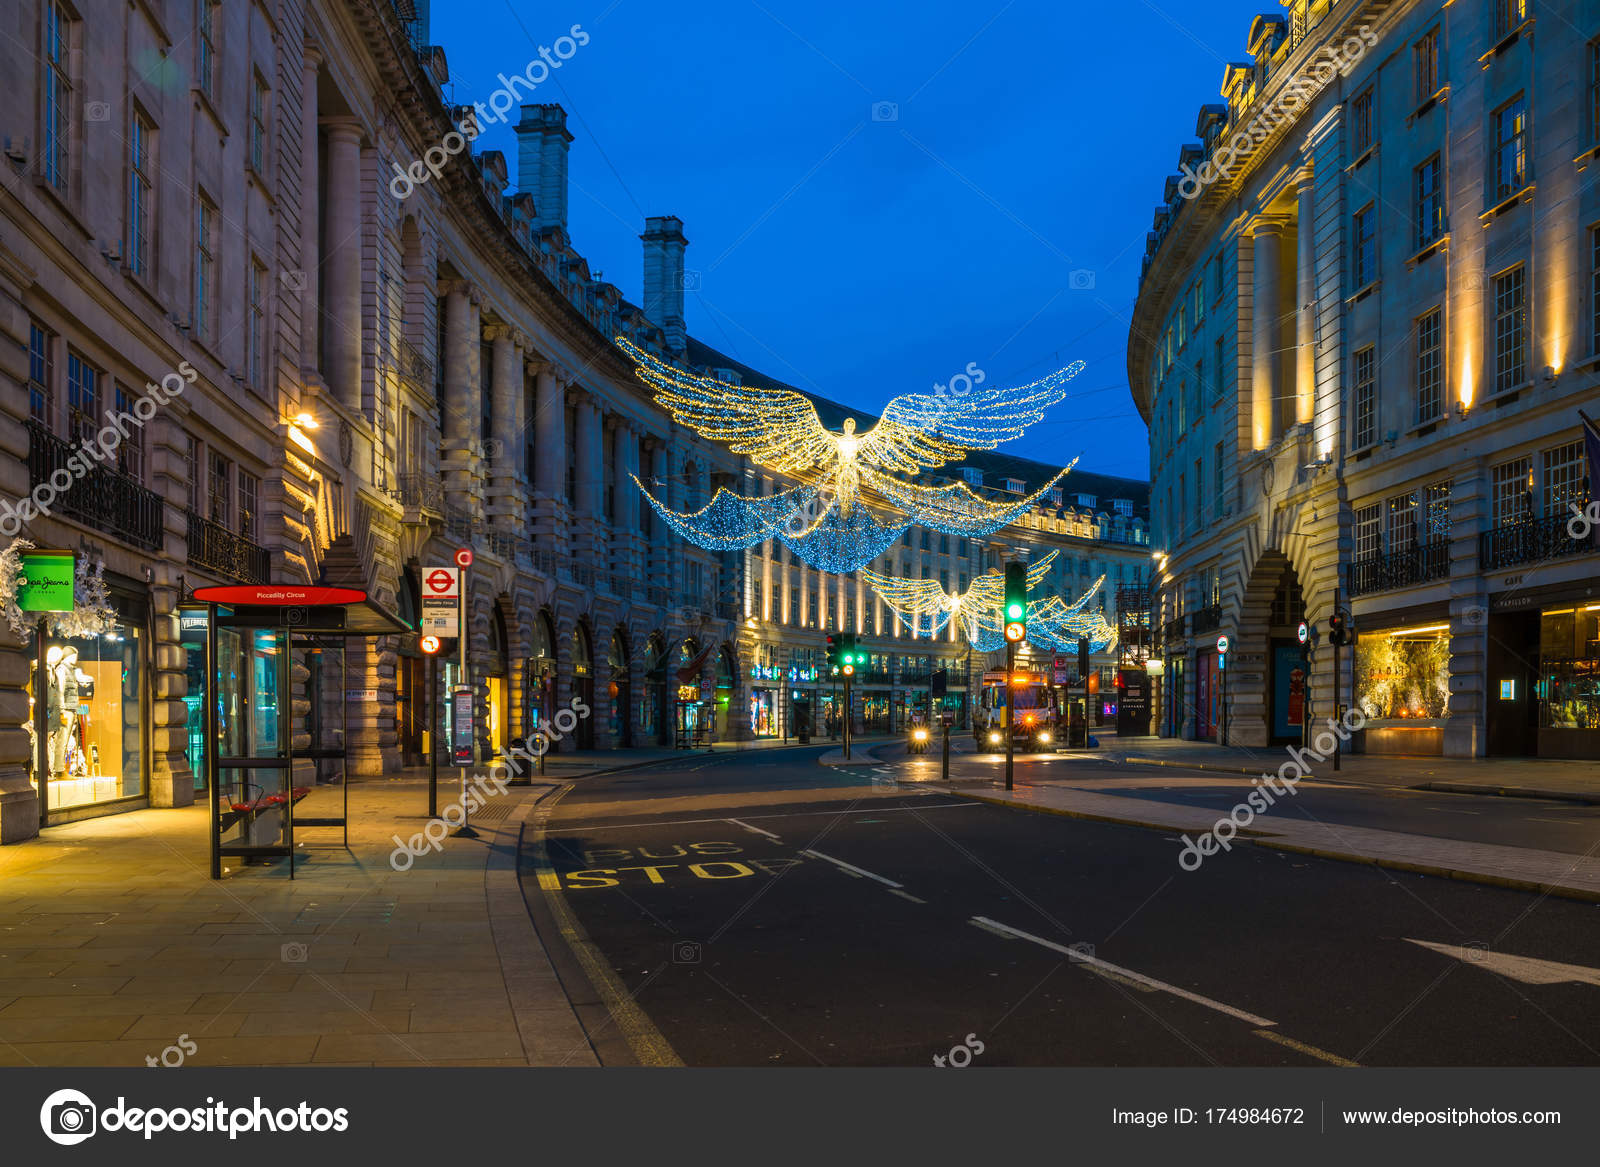 Decorazioni Natalizie Londra.Decorazioni Di Natale Su Regent Street Nel Centro Di Londra Regno